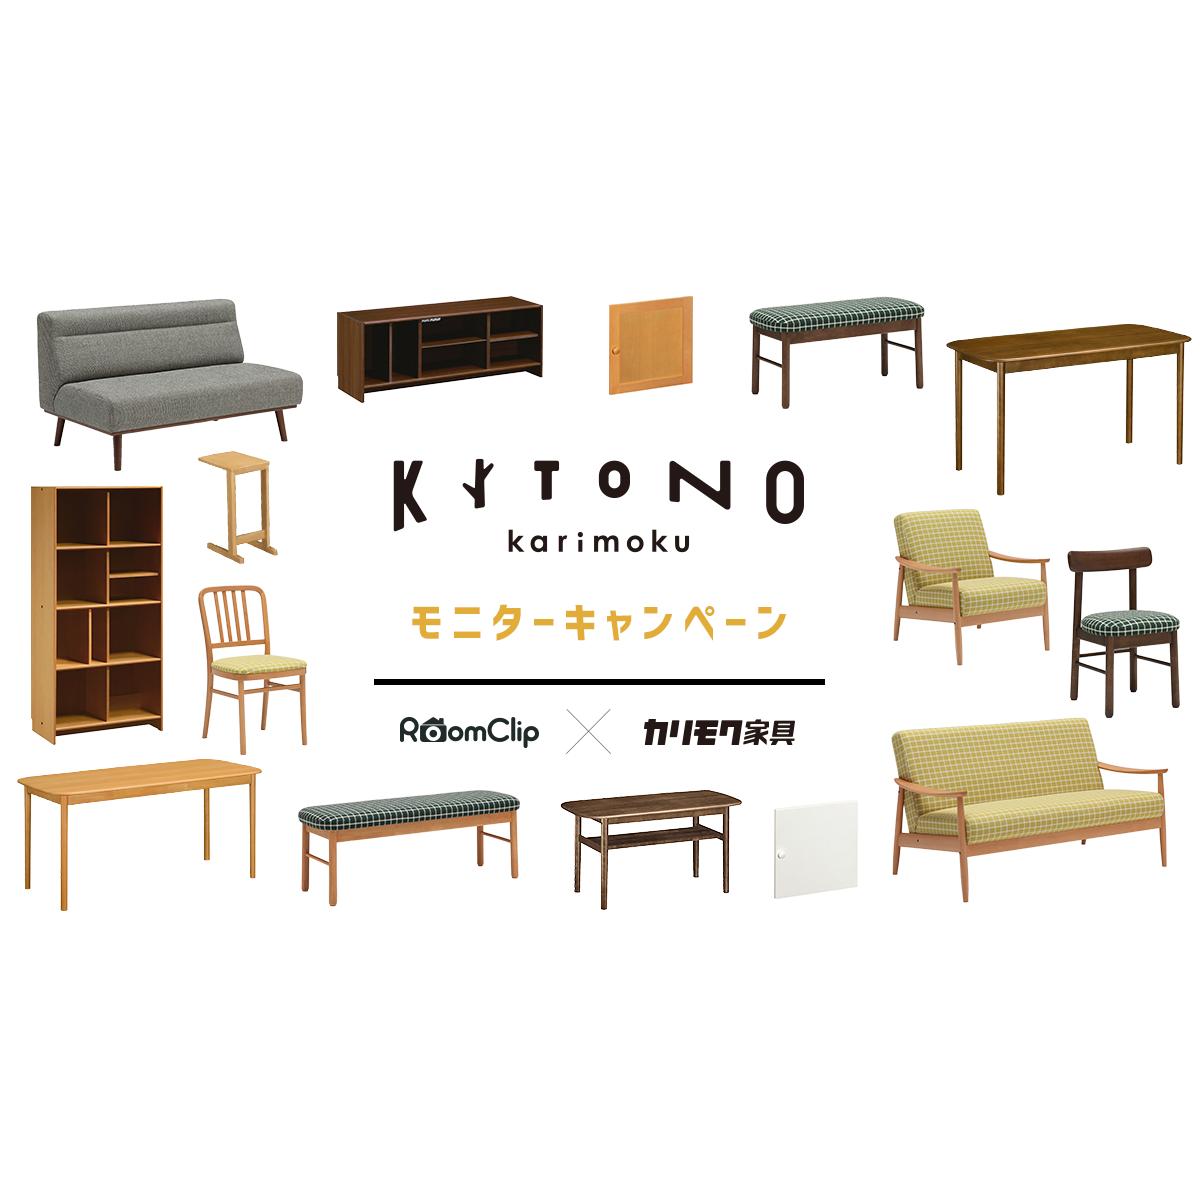 【無料モニター募集】カリモク家具の新ブランド「KITONO」のソファや椅子を家で大切に使ってくれるユーザーさんを大募集!